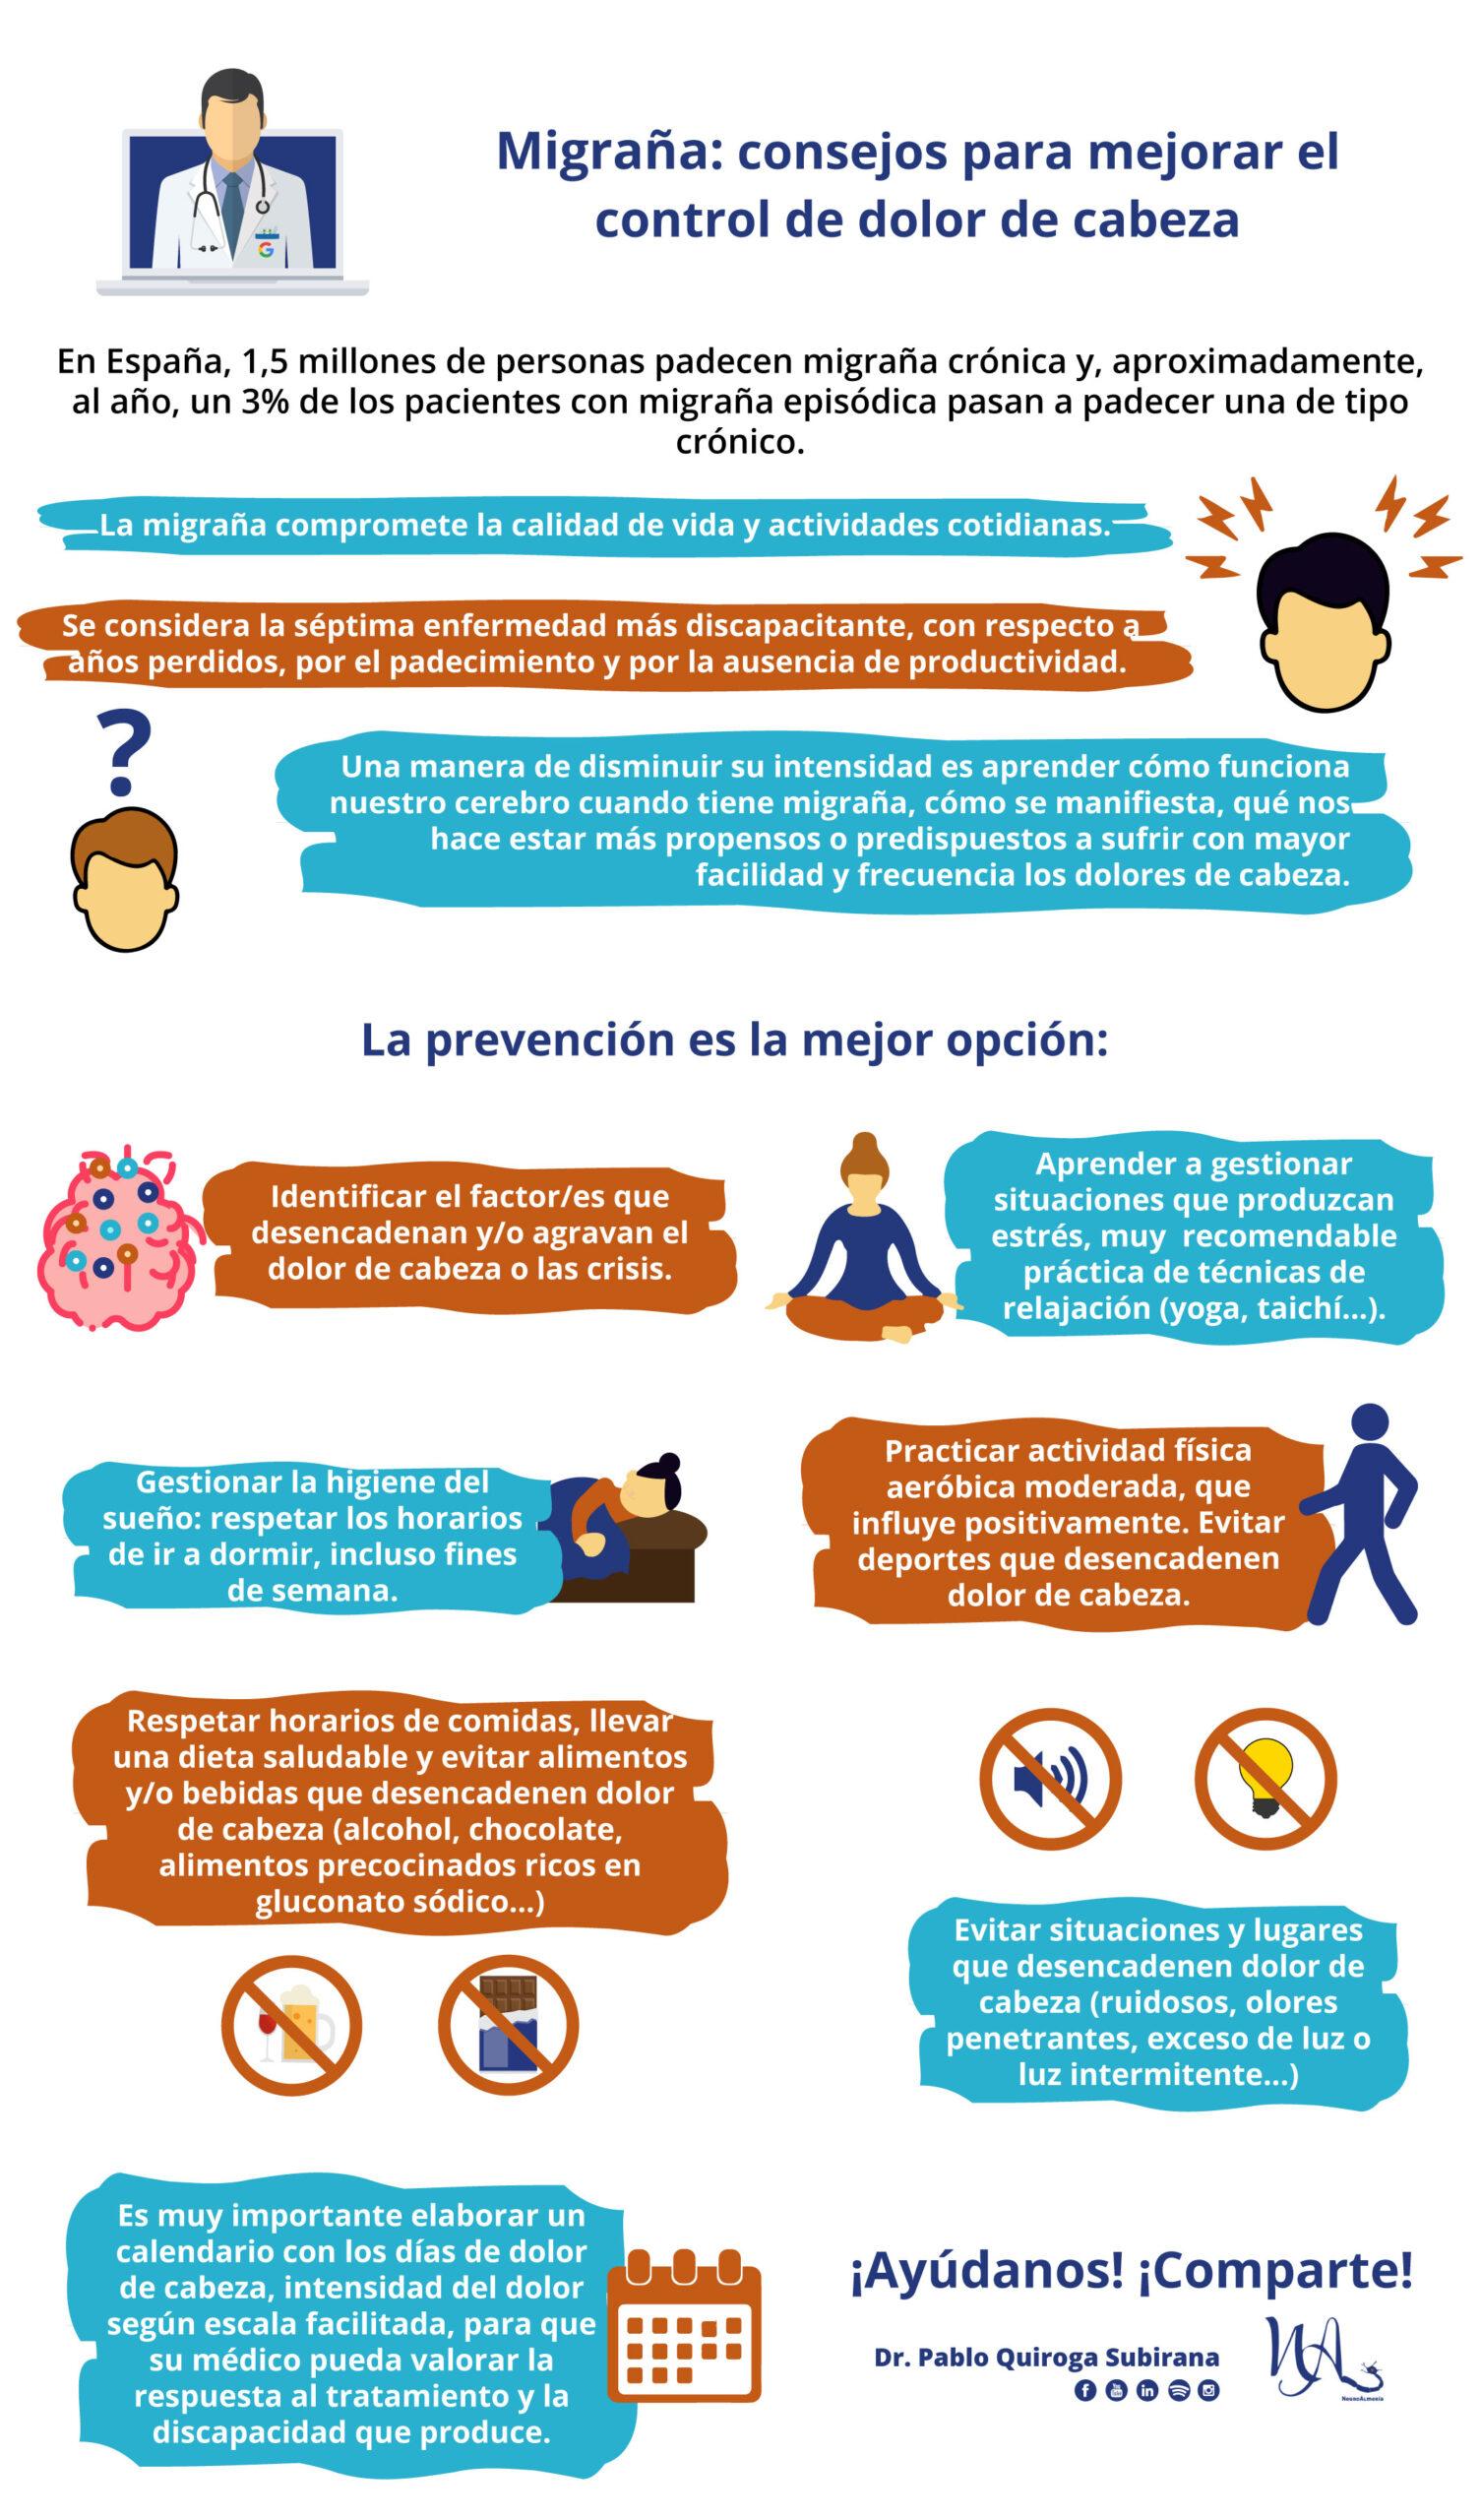 Migraña: consejos para mejorar el control del dolor de cabeza